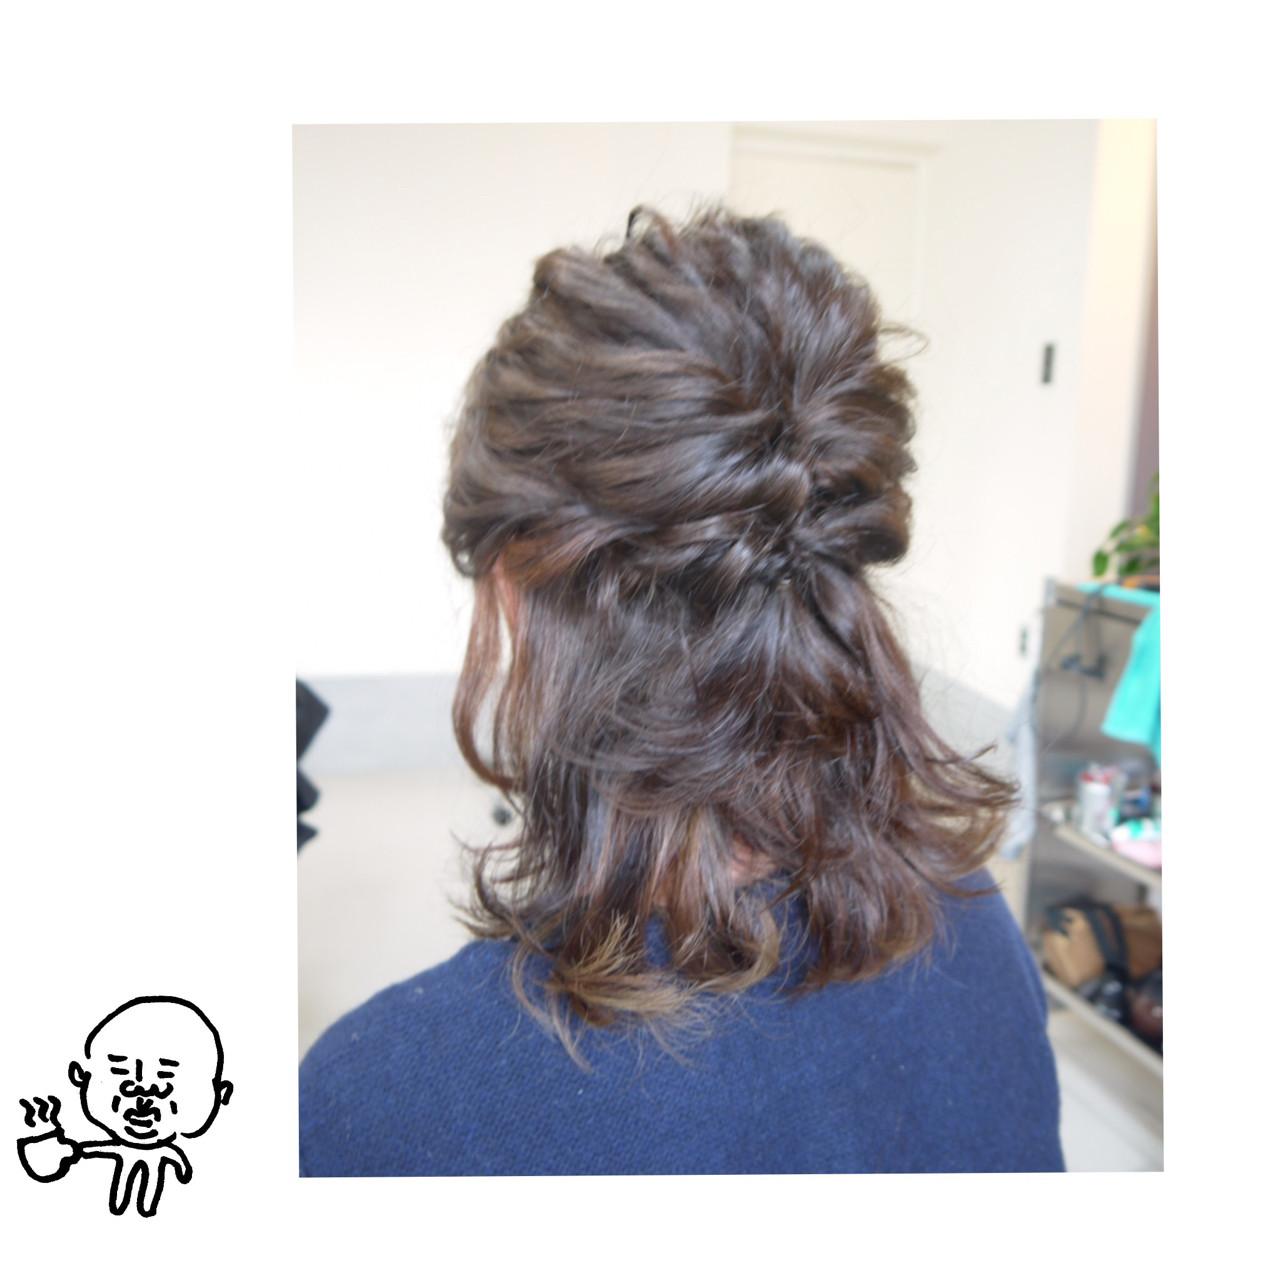 ミディアム ナチュラル ヘアアレンジ 結婚式 ヘアスタイルや髪型の写真・画像 | iwamoto atsushi / kamome. / カモメ美容室